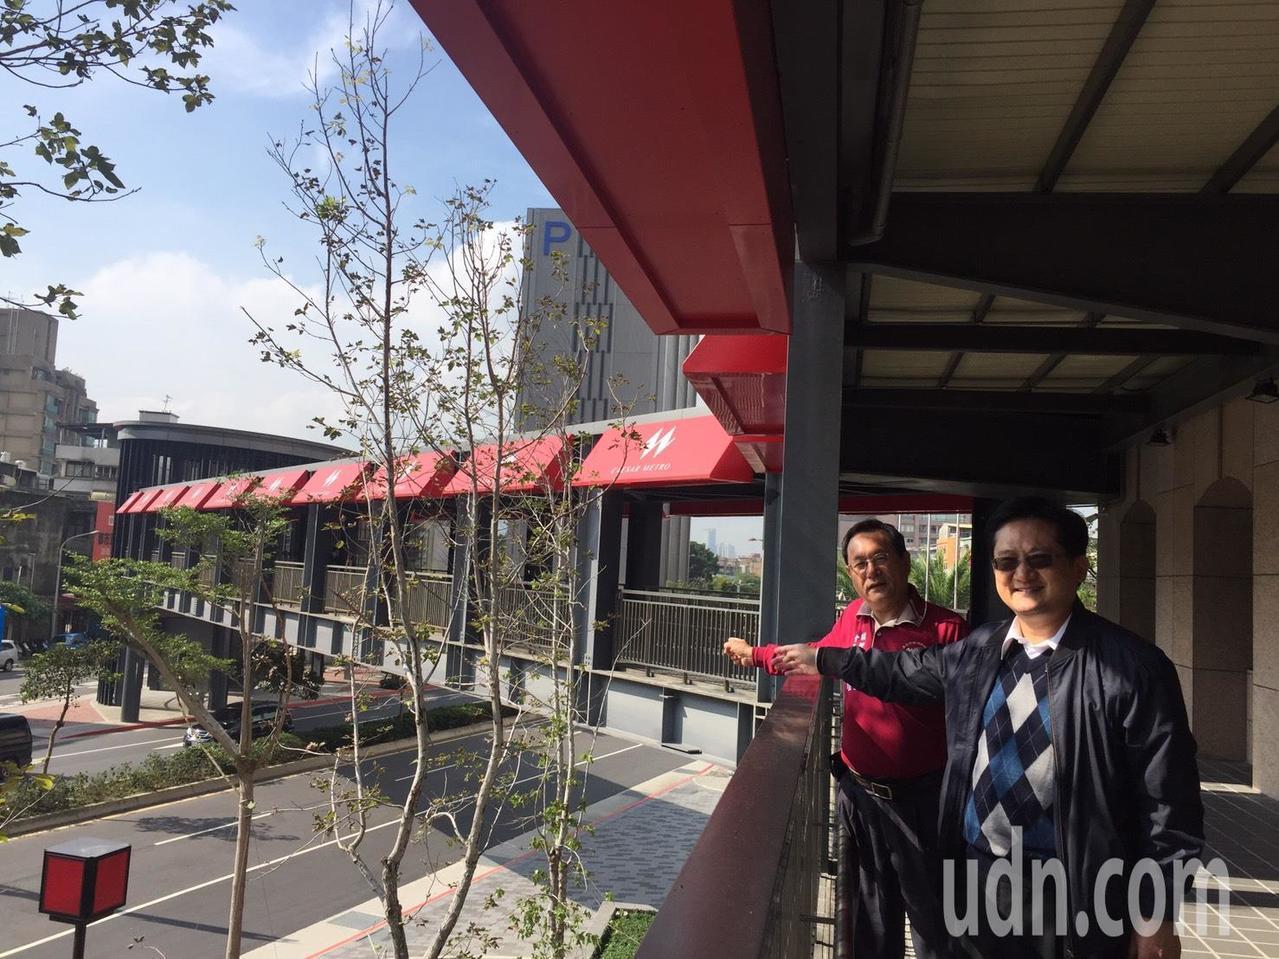 空橋連結凱達飯店與萬華火車站,未來將與明年開幕的天樣飯店聯結,不過當地居民宏傳雄...